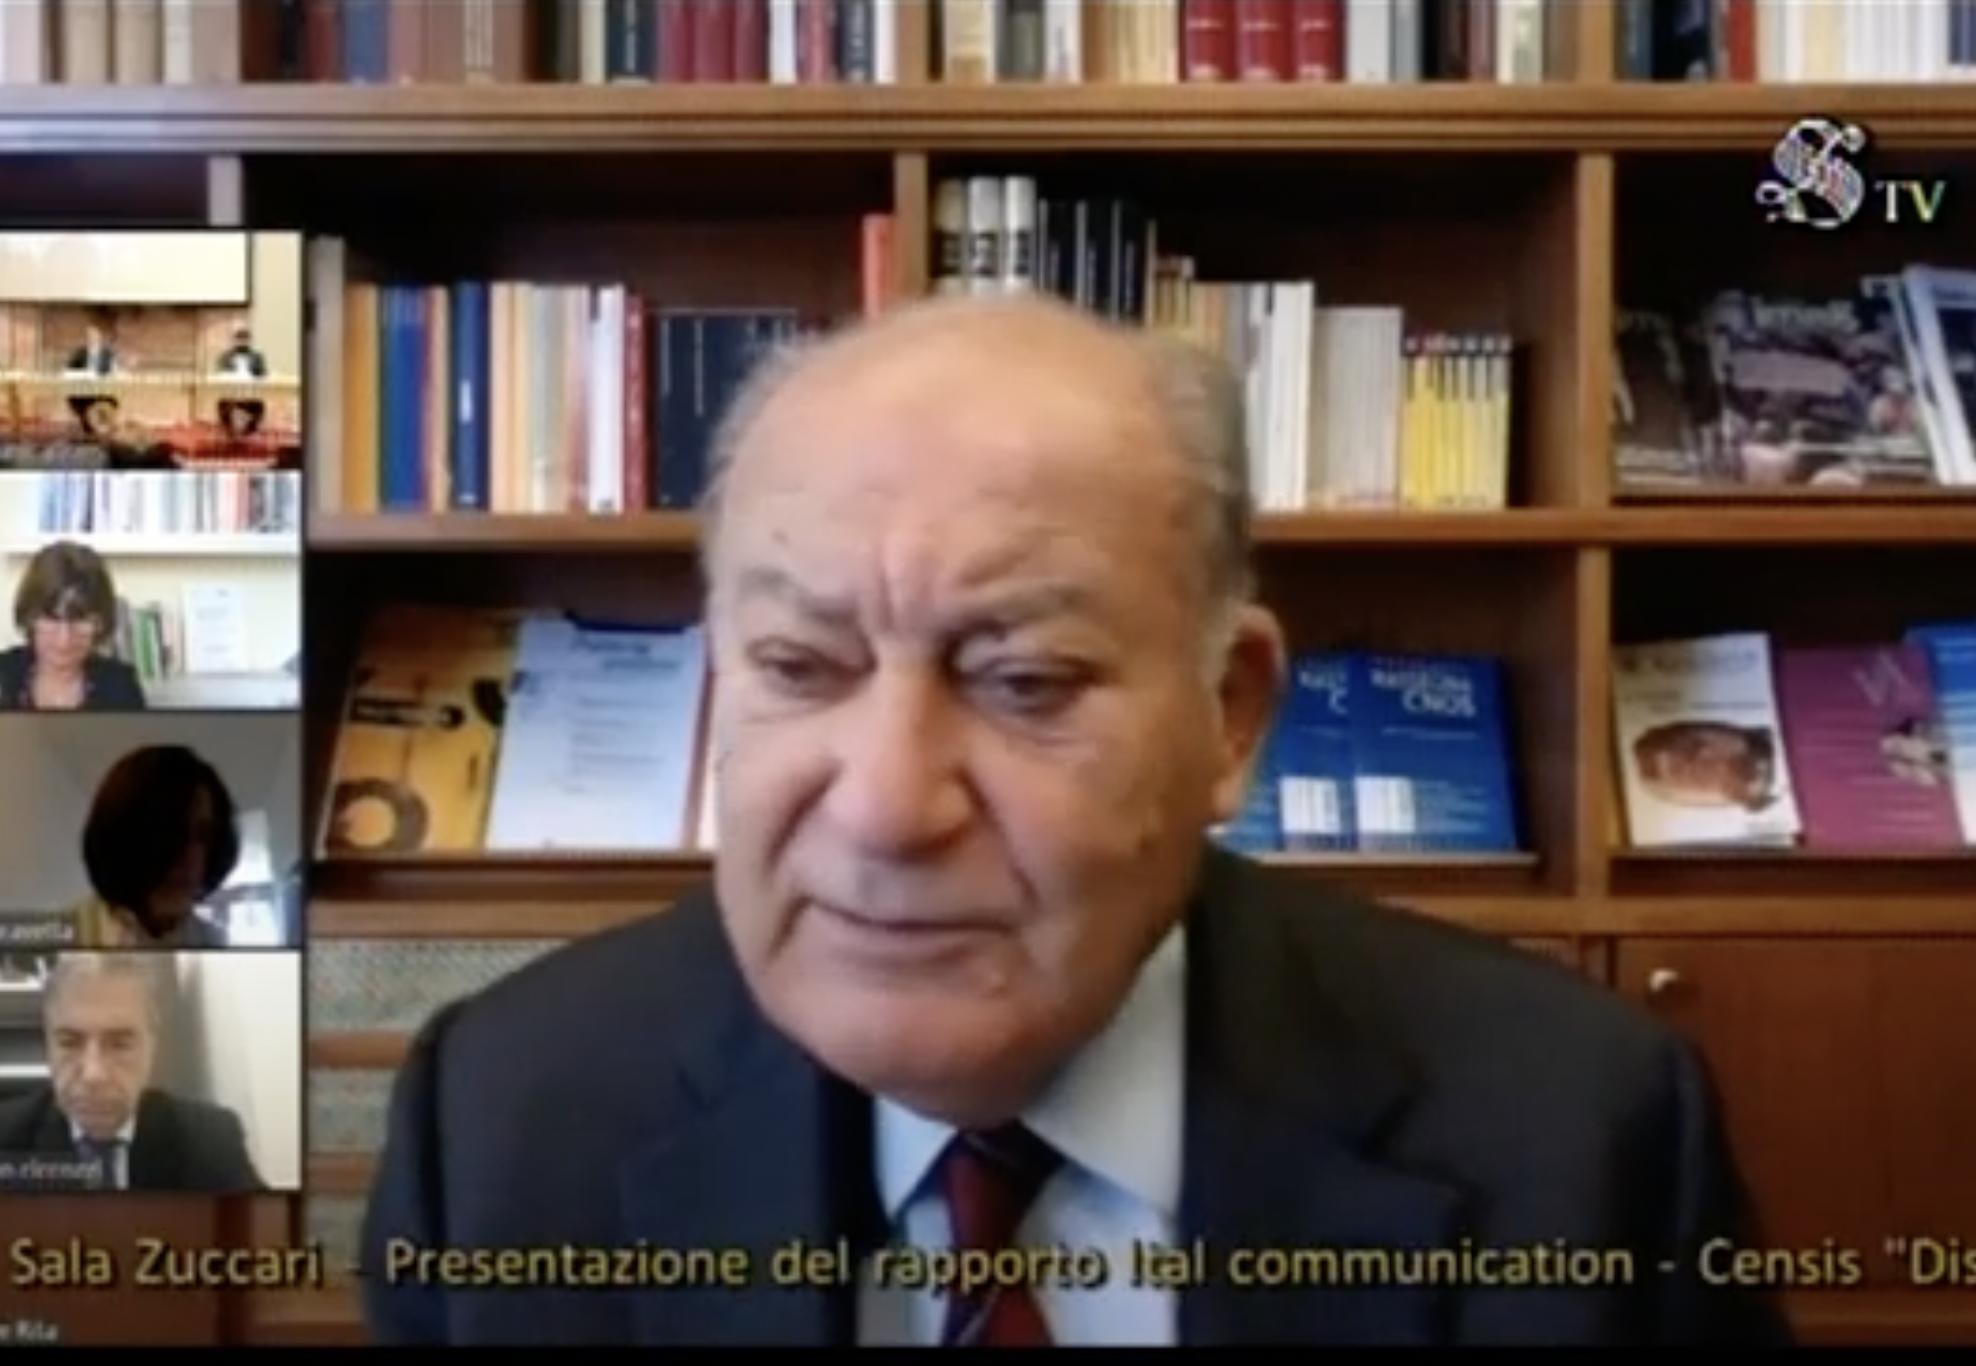 De Rita - Media. De Rita, presidente Censis: la strategia di comunicazione del governo durante la prima fase Covid ha creato angoscia e ha schiacciato il ruolo del giornalismo